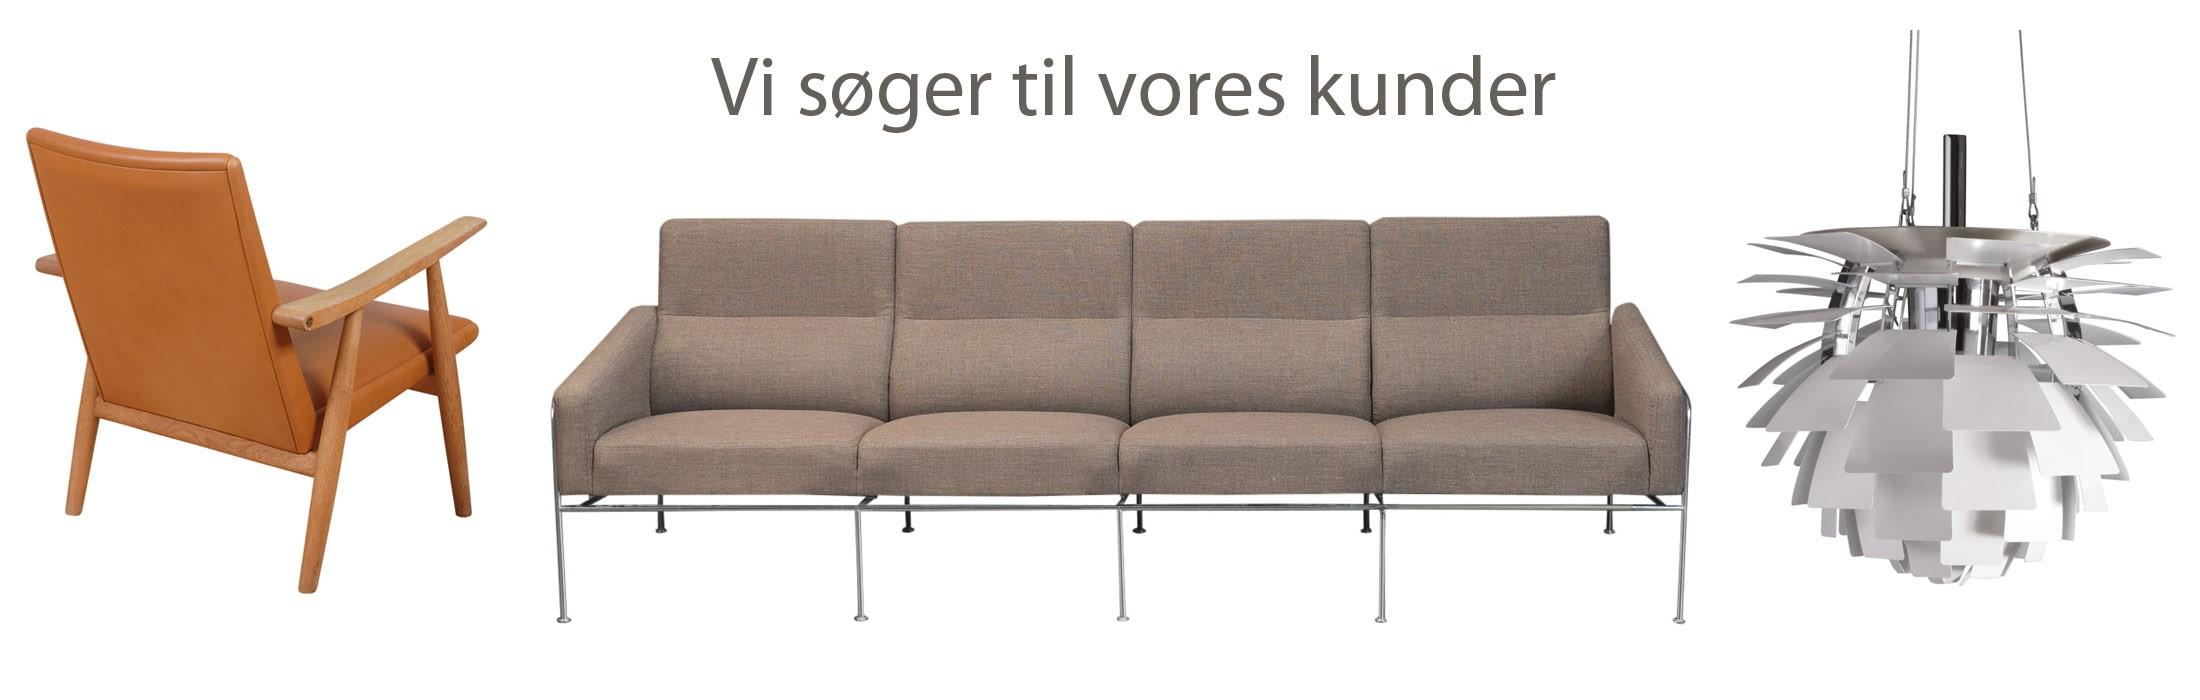 Vi søger designer møbler